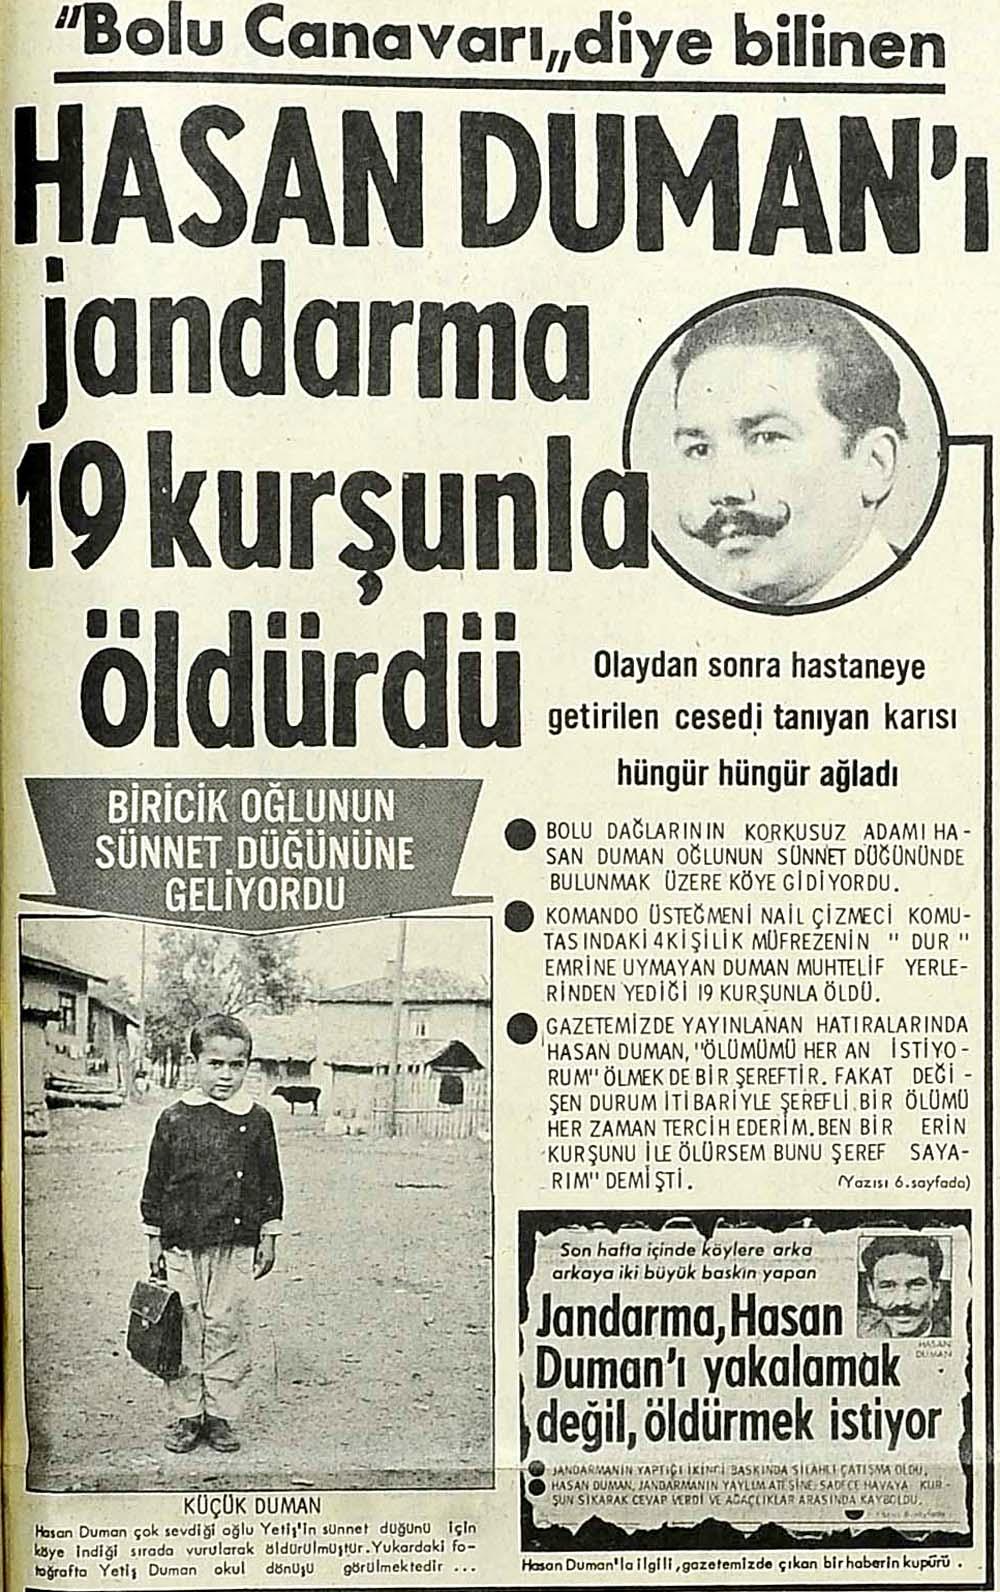 """""""Bolu Canavarı"""" diye bilinen Hasan Duman'ı jandarma 19 kurşunla öldürdü"""